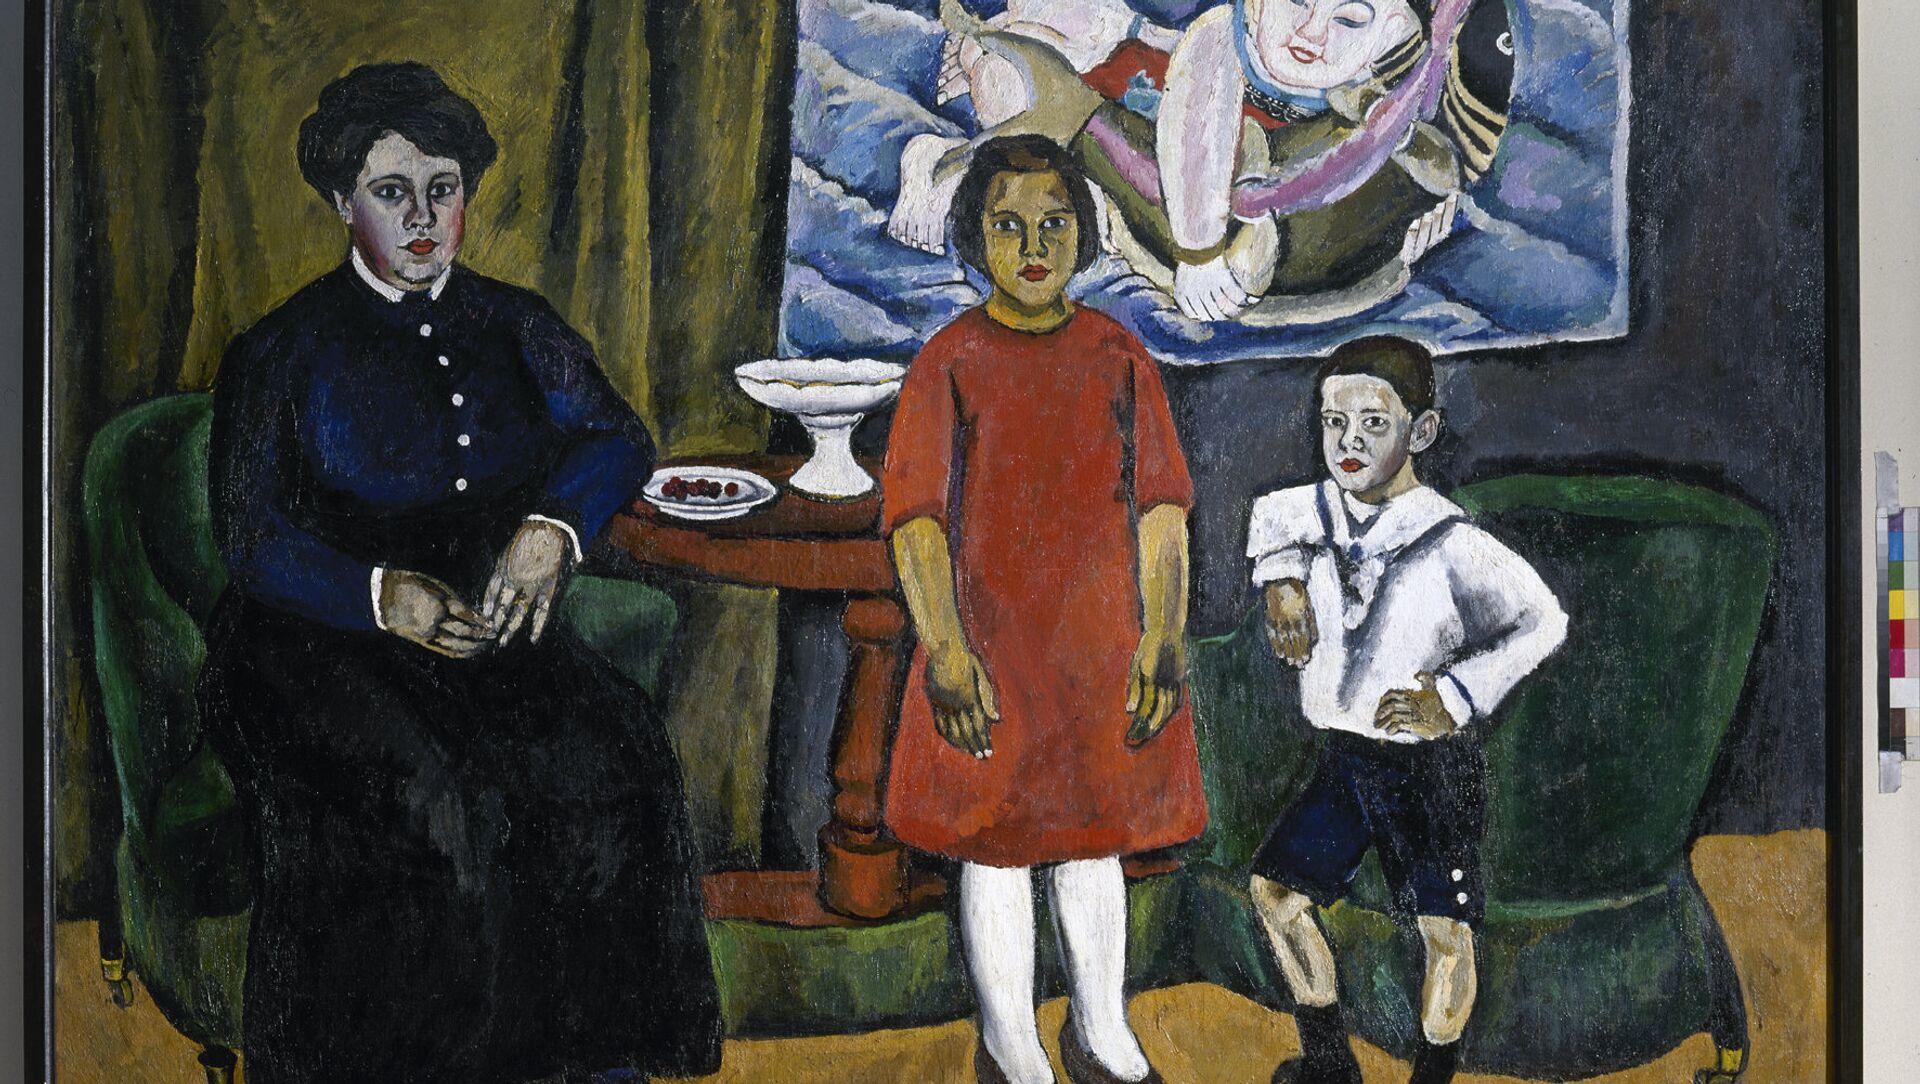 Piotr Konchalovski 'El retrato de familia' 1911 - Sputnik Mundo, 1920, 22.02.2019